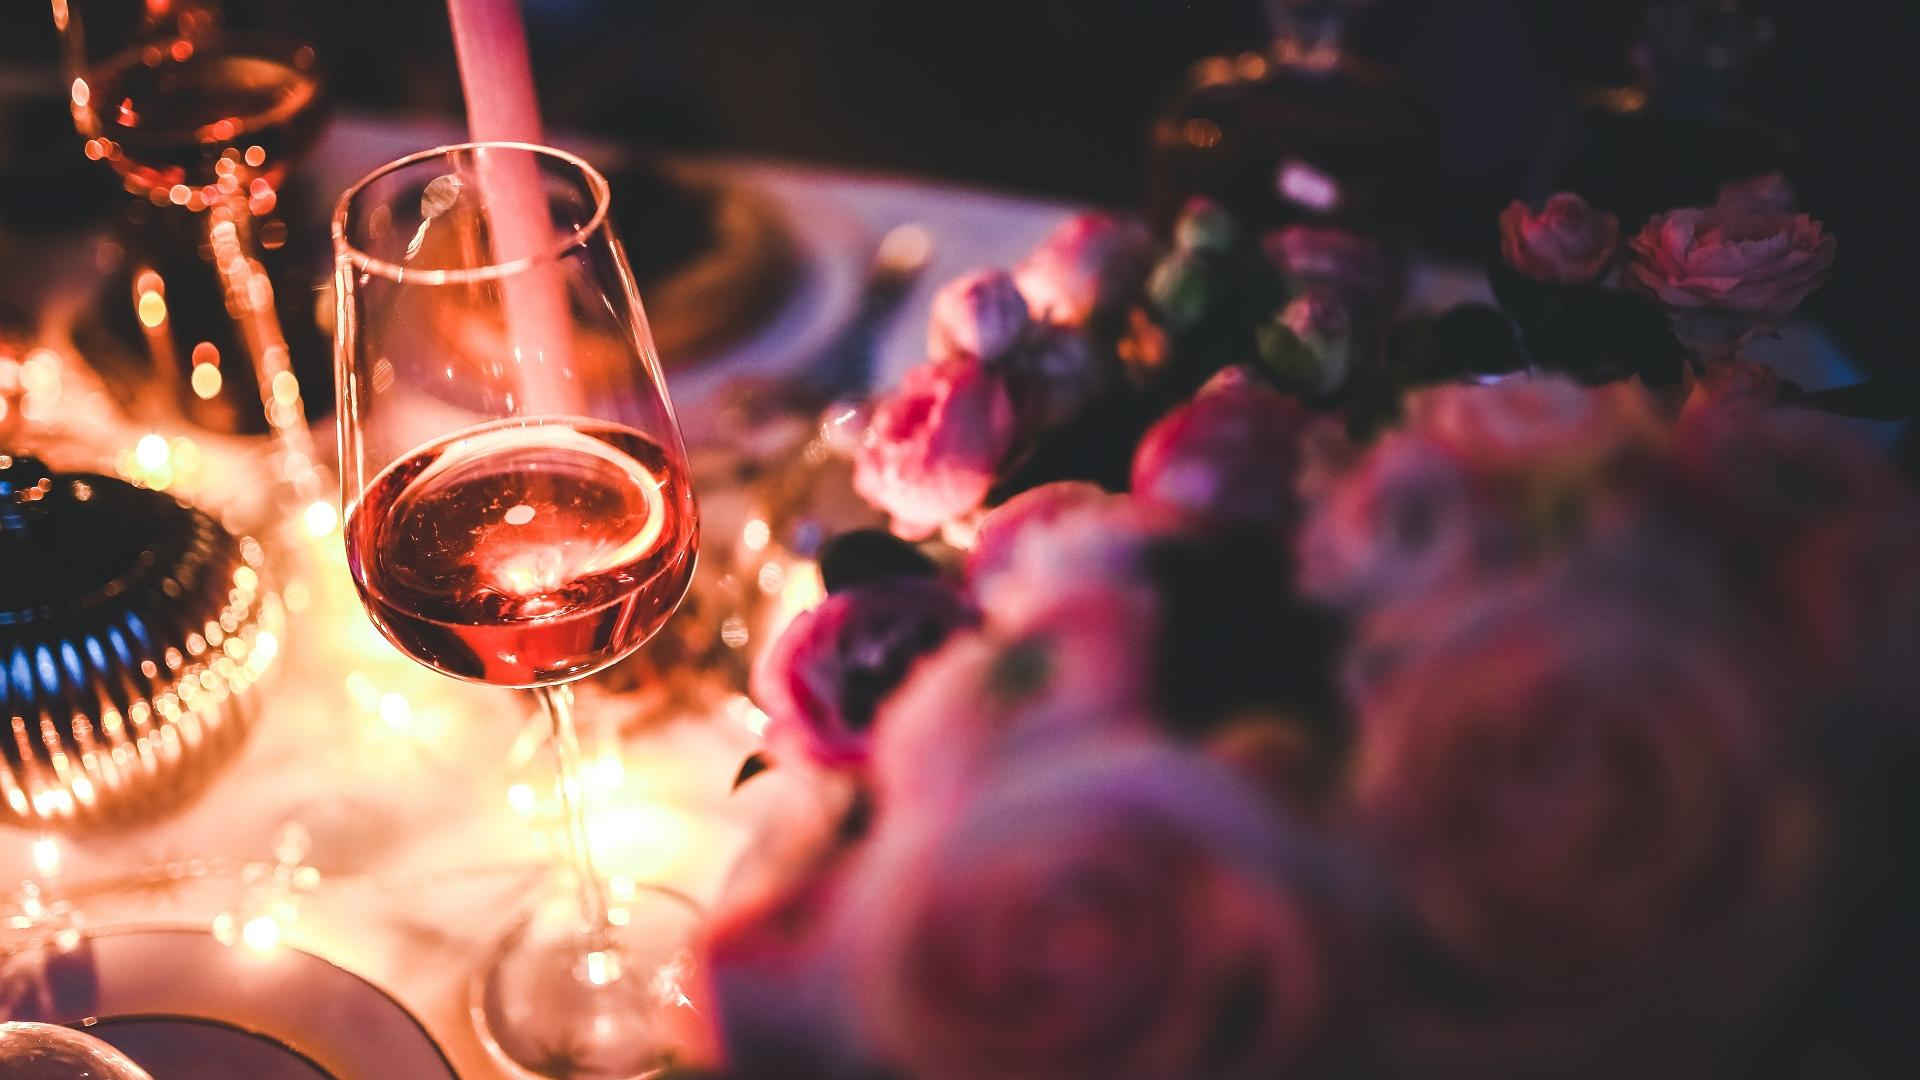 Glas Wein steht allein auf einer Party auf den Tisch